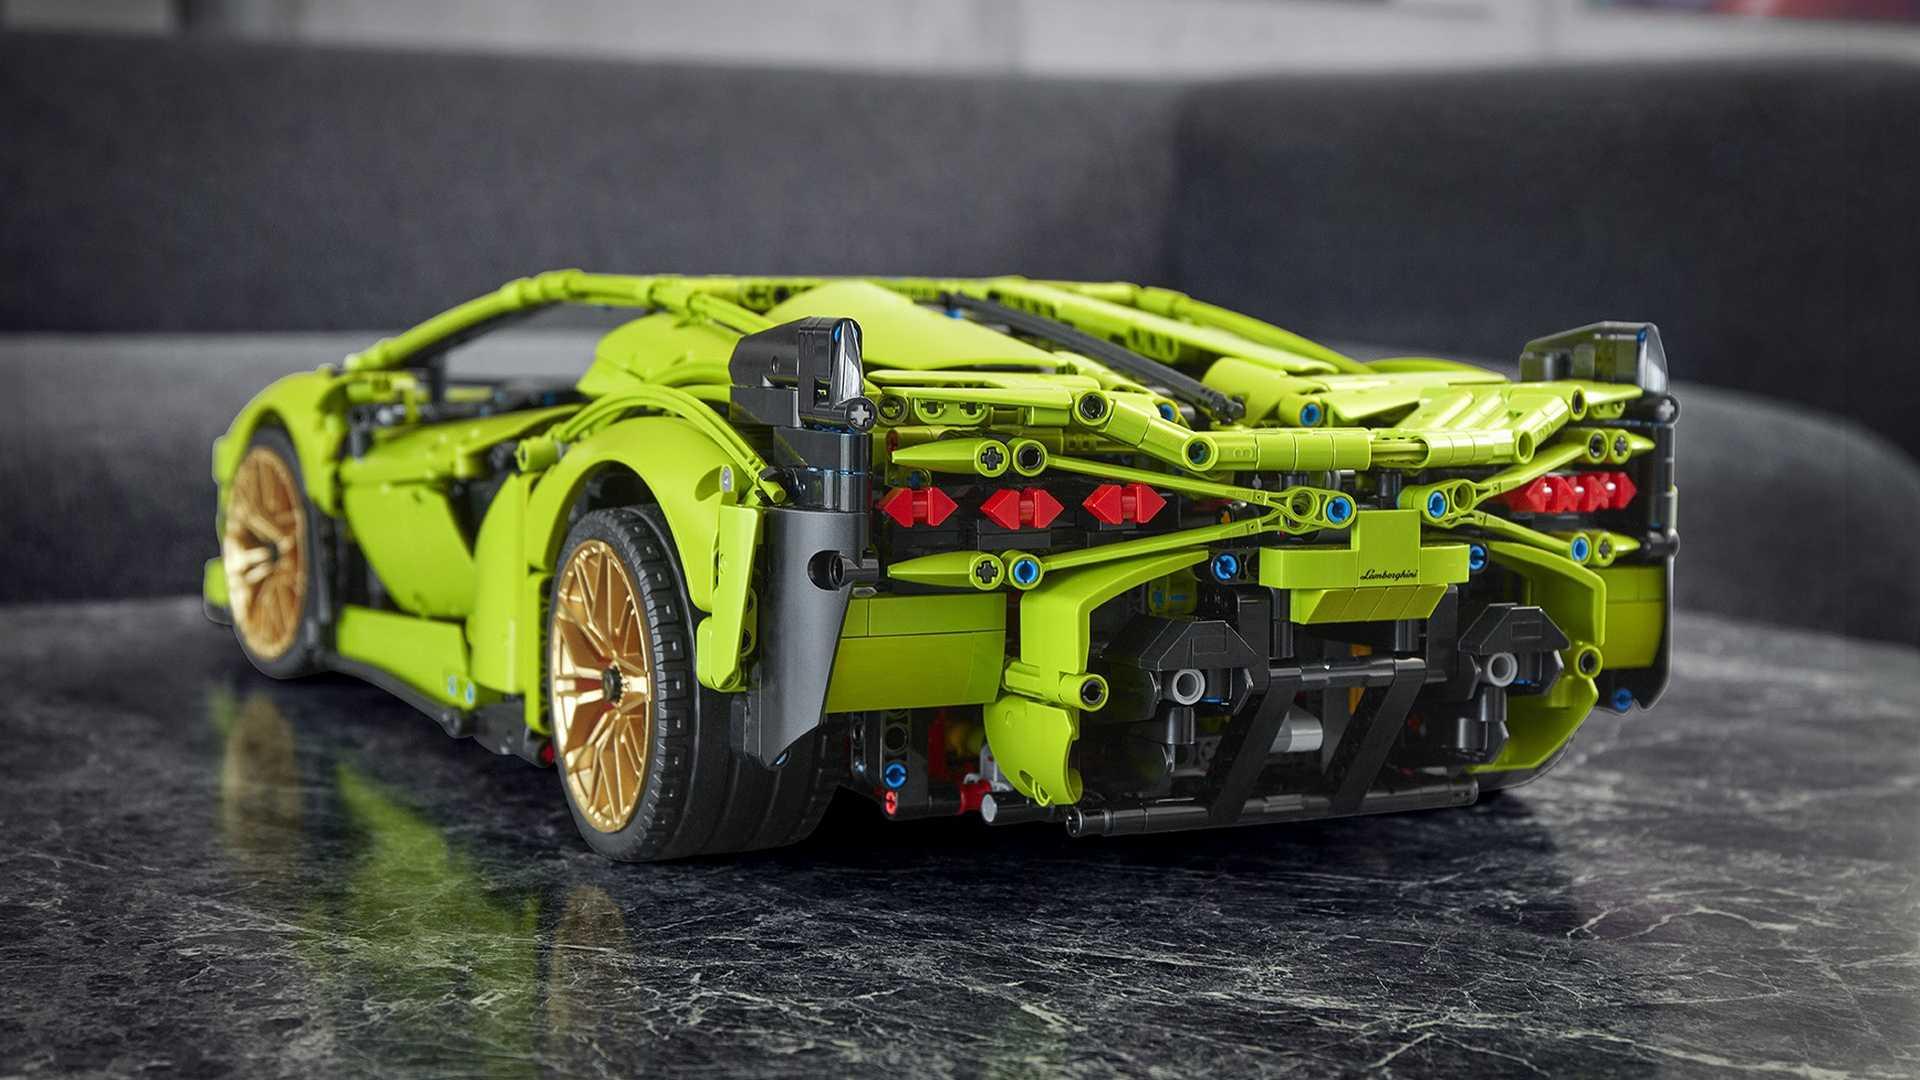 Гамму конструктора Lego Technic Ultimate пополнил Lamborghini Sian FKP 37 в масштабе 1:8. Новинка претендует на рекорд по количеству элементов – 3 696: Bugatti Chiron можно было собрать из 3 599 деталей, а Porsche 911 GT3 RS – «всего» из 2 704.